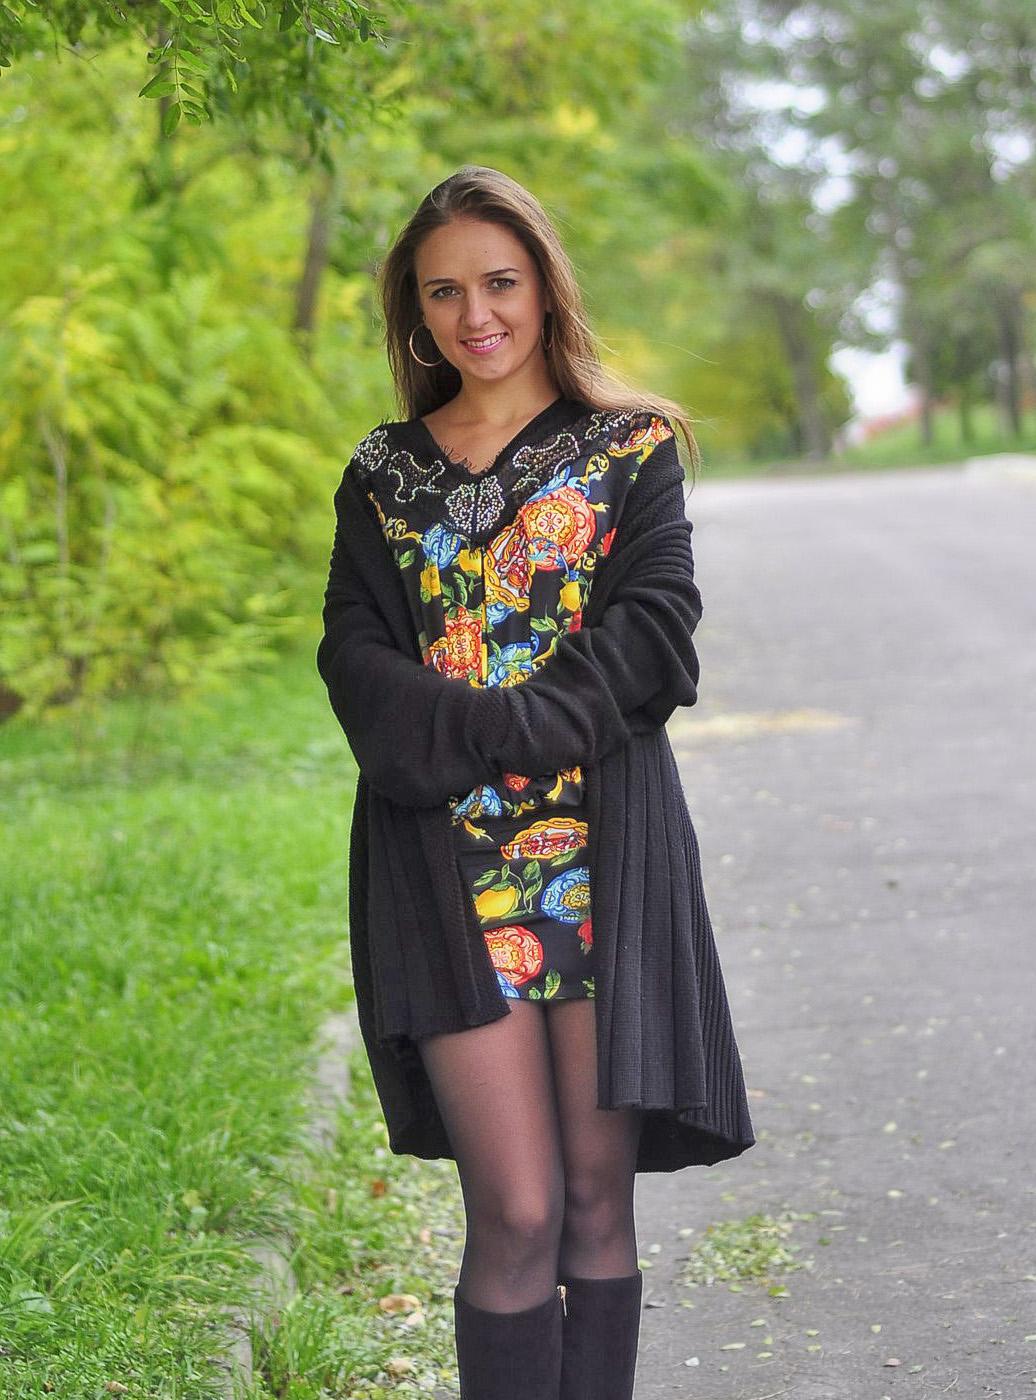 Девушка прогуливается в парке в платье